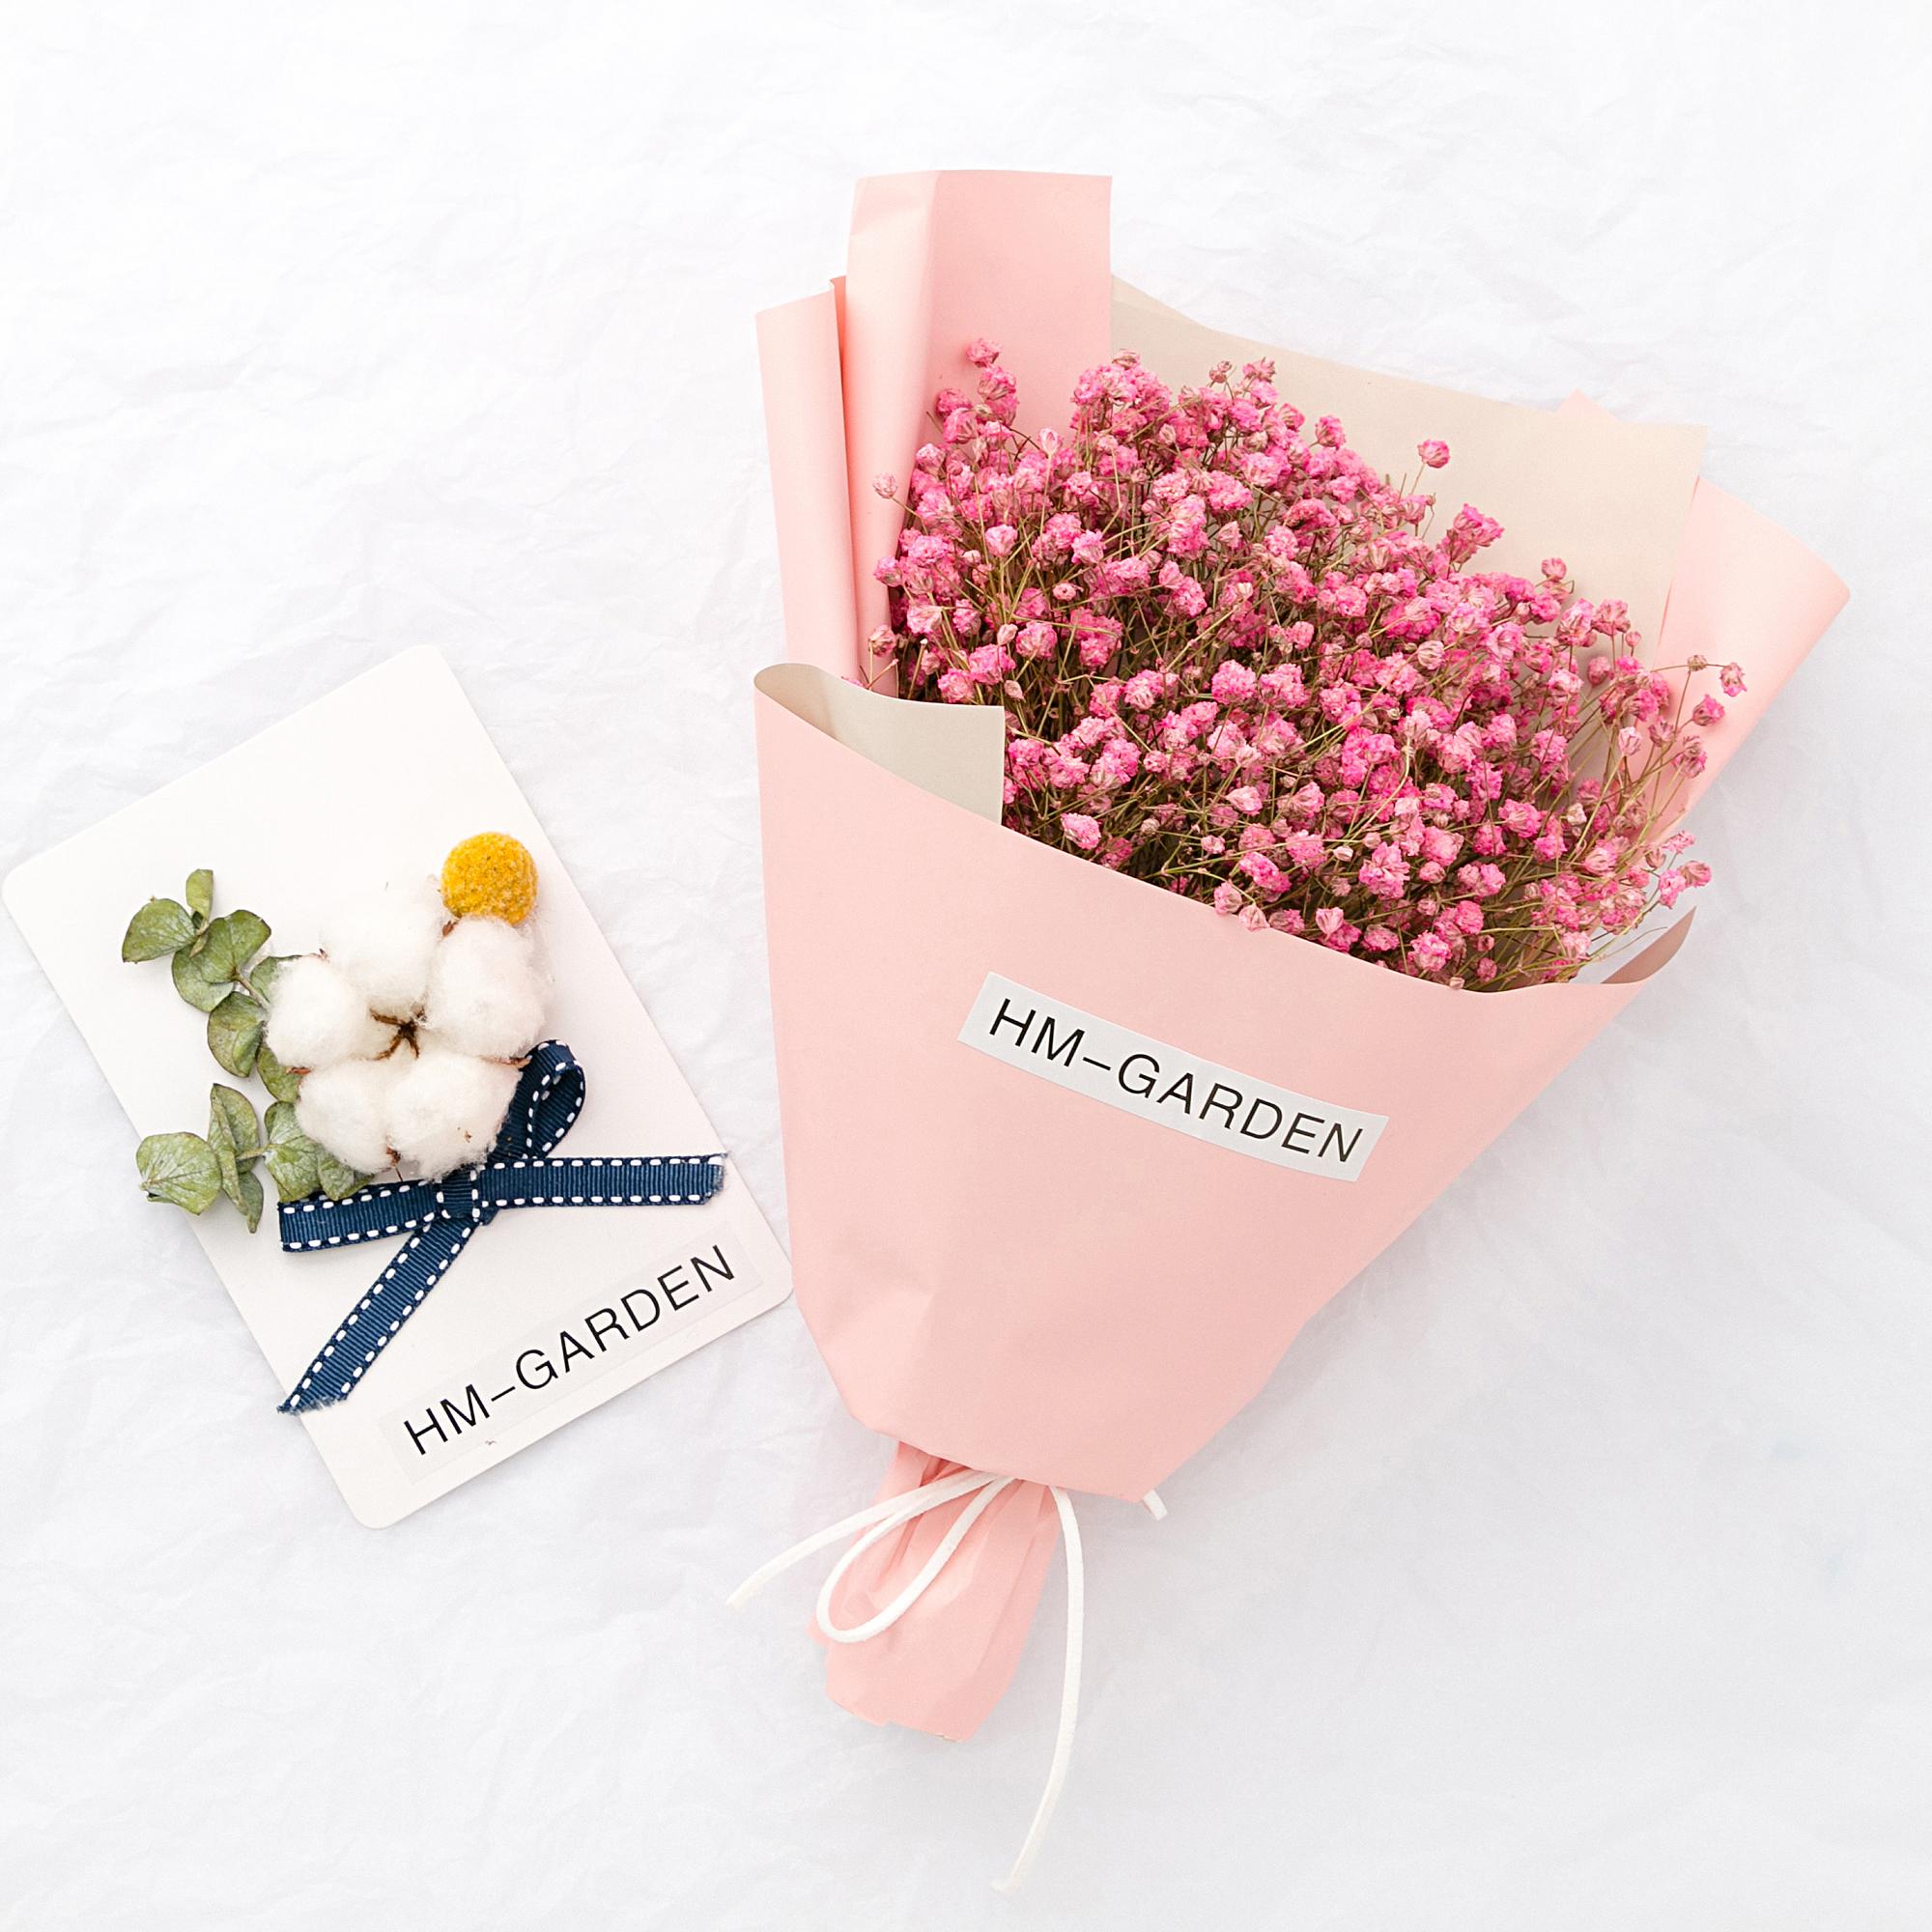 Usd 1915 mini flower flowers flower bouquet starry dont forget mini flower flowers flower bouquet starry dont forget valentine grass girlfriends girlfriend birthday gift izmirmasajfo